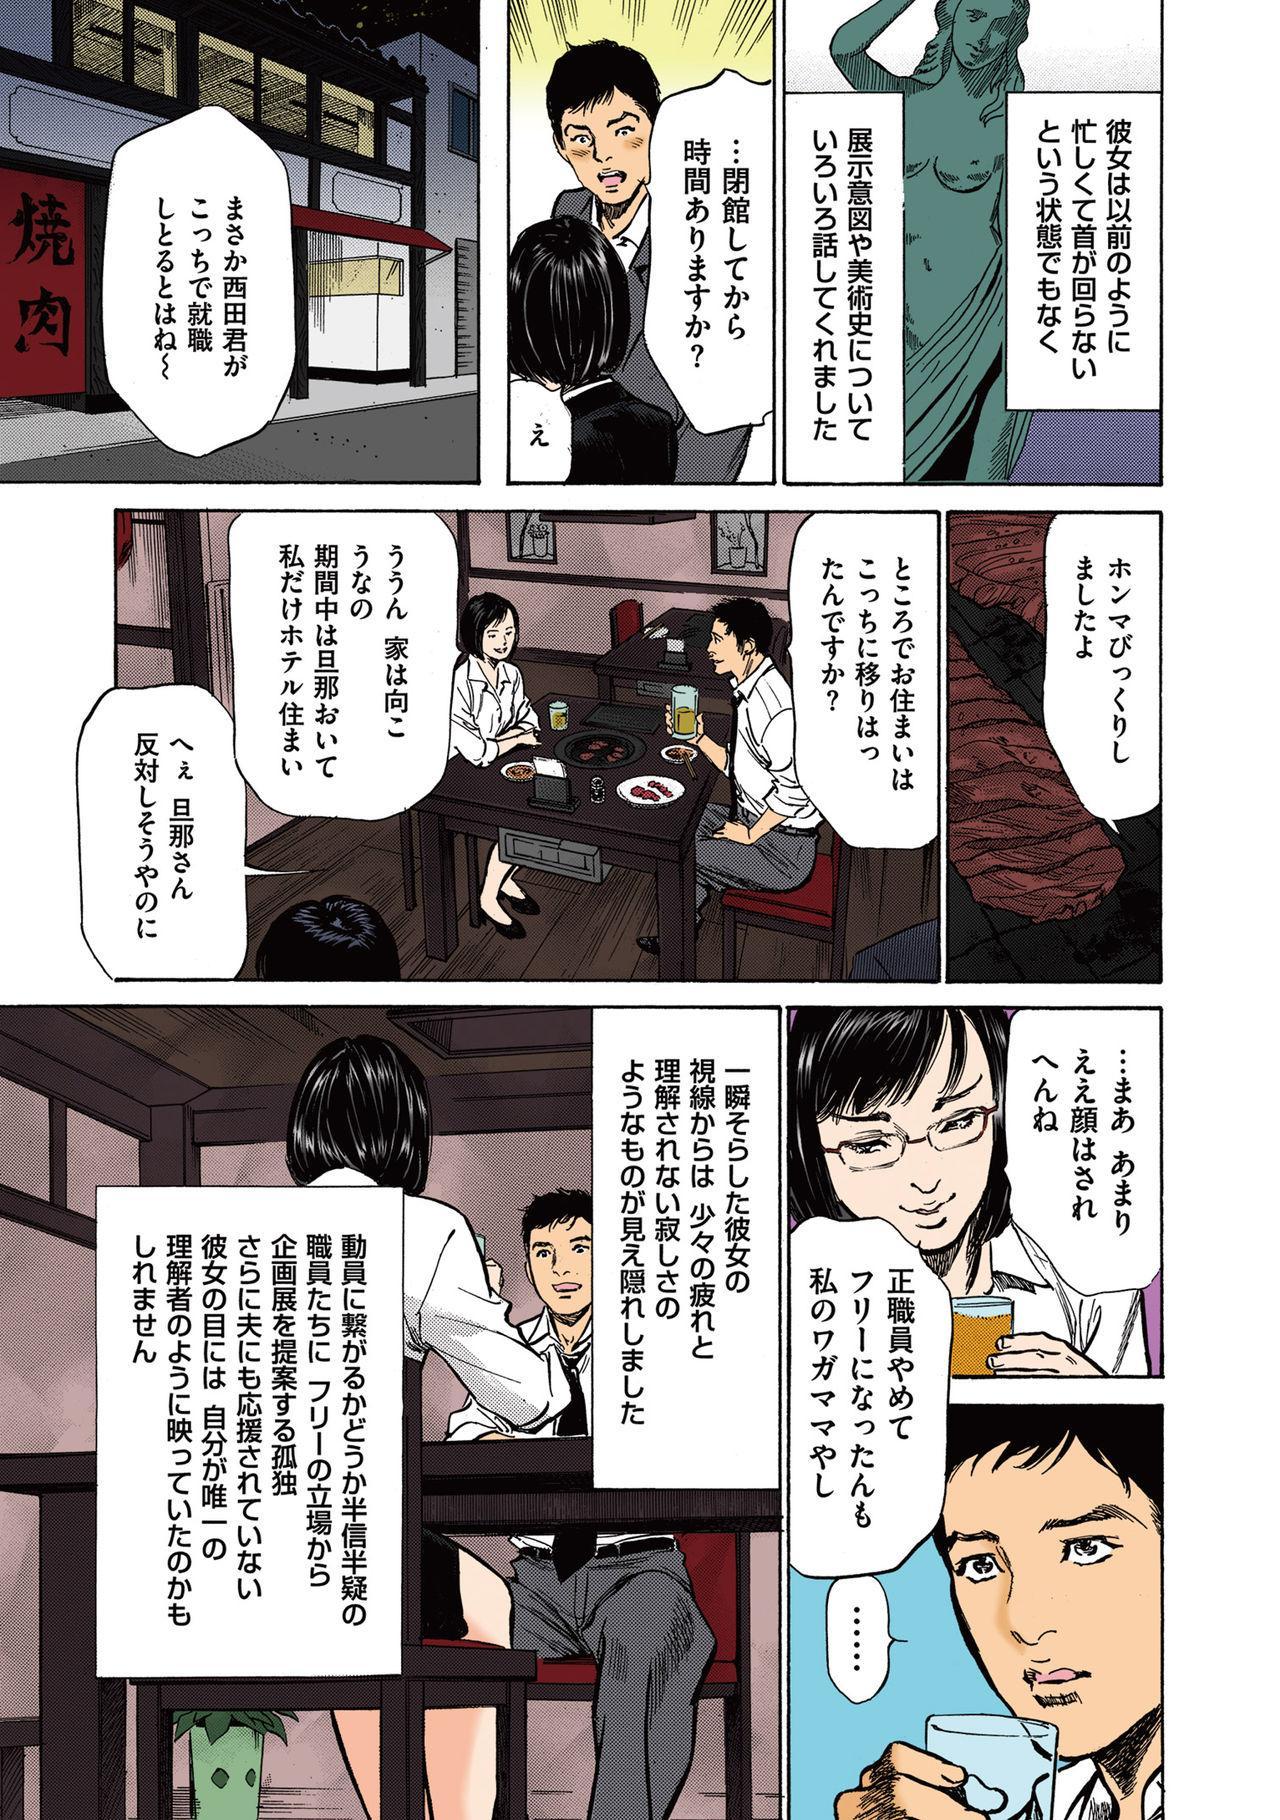 [Hazuki Kaoru] Hazuki Kaoru no Tamaranai Hanashi (Full Color Version) 2-1 56